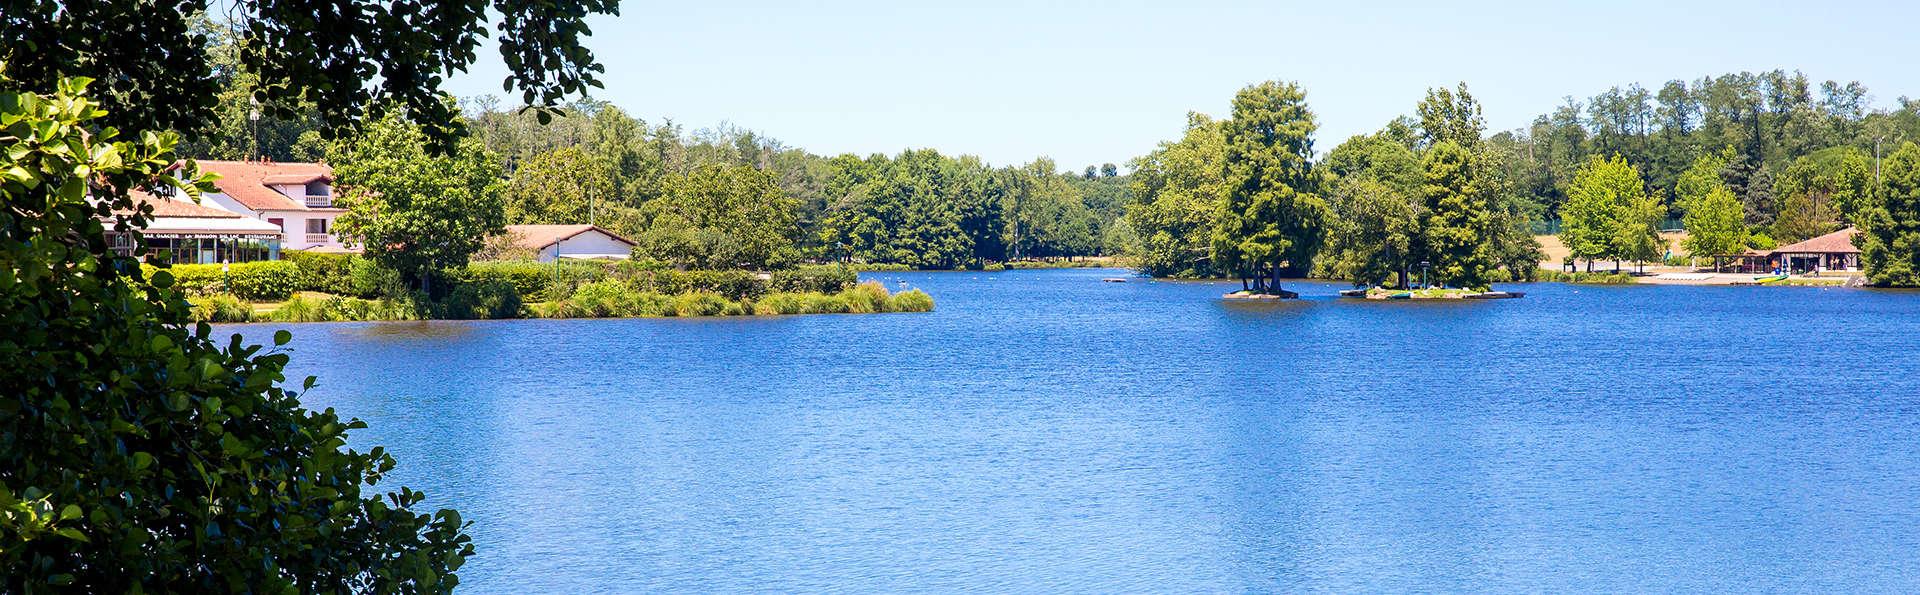 Les Jardins du Lac - Edit_Destination.jpg